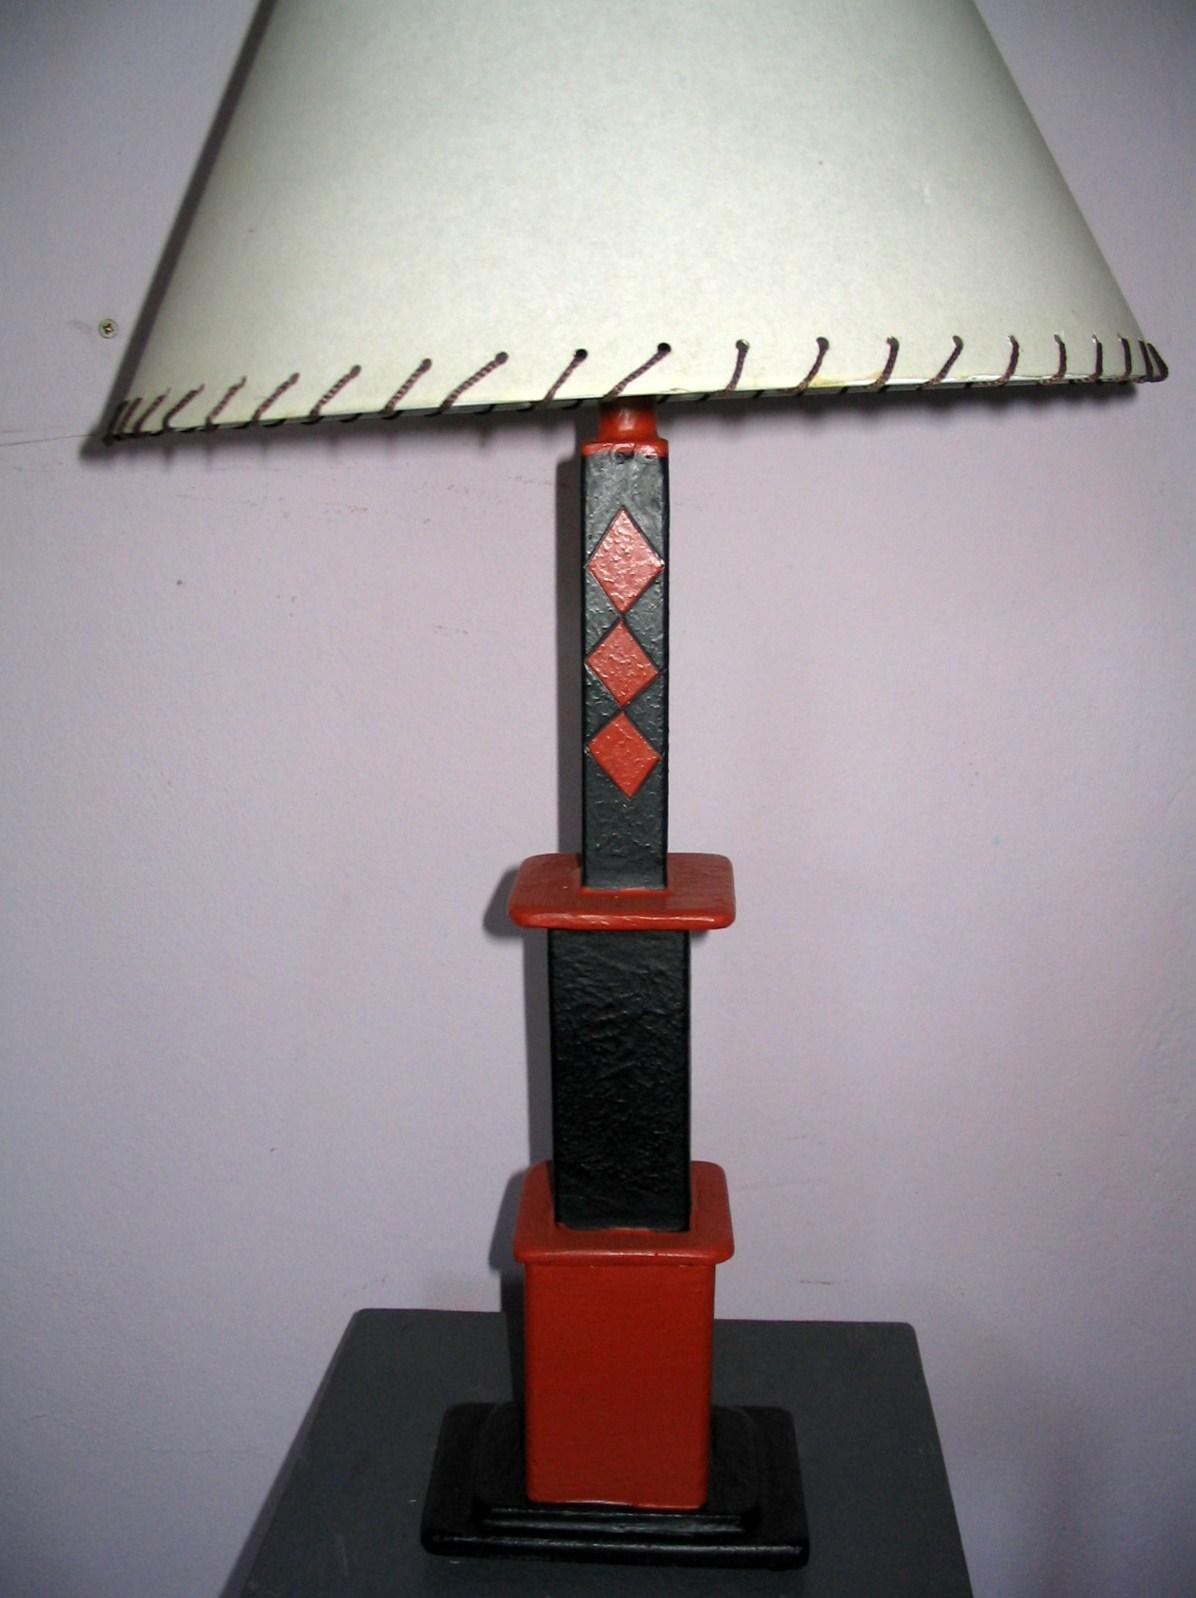 [lamparas+nuevas+y+escalera+manolo+diaz+013.jpg]